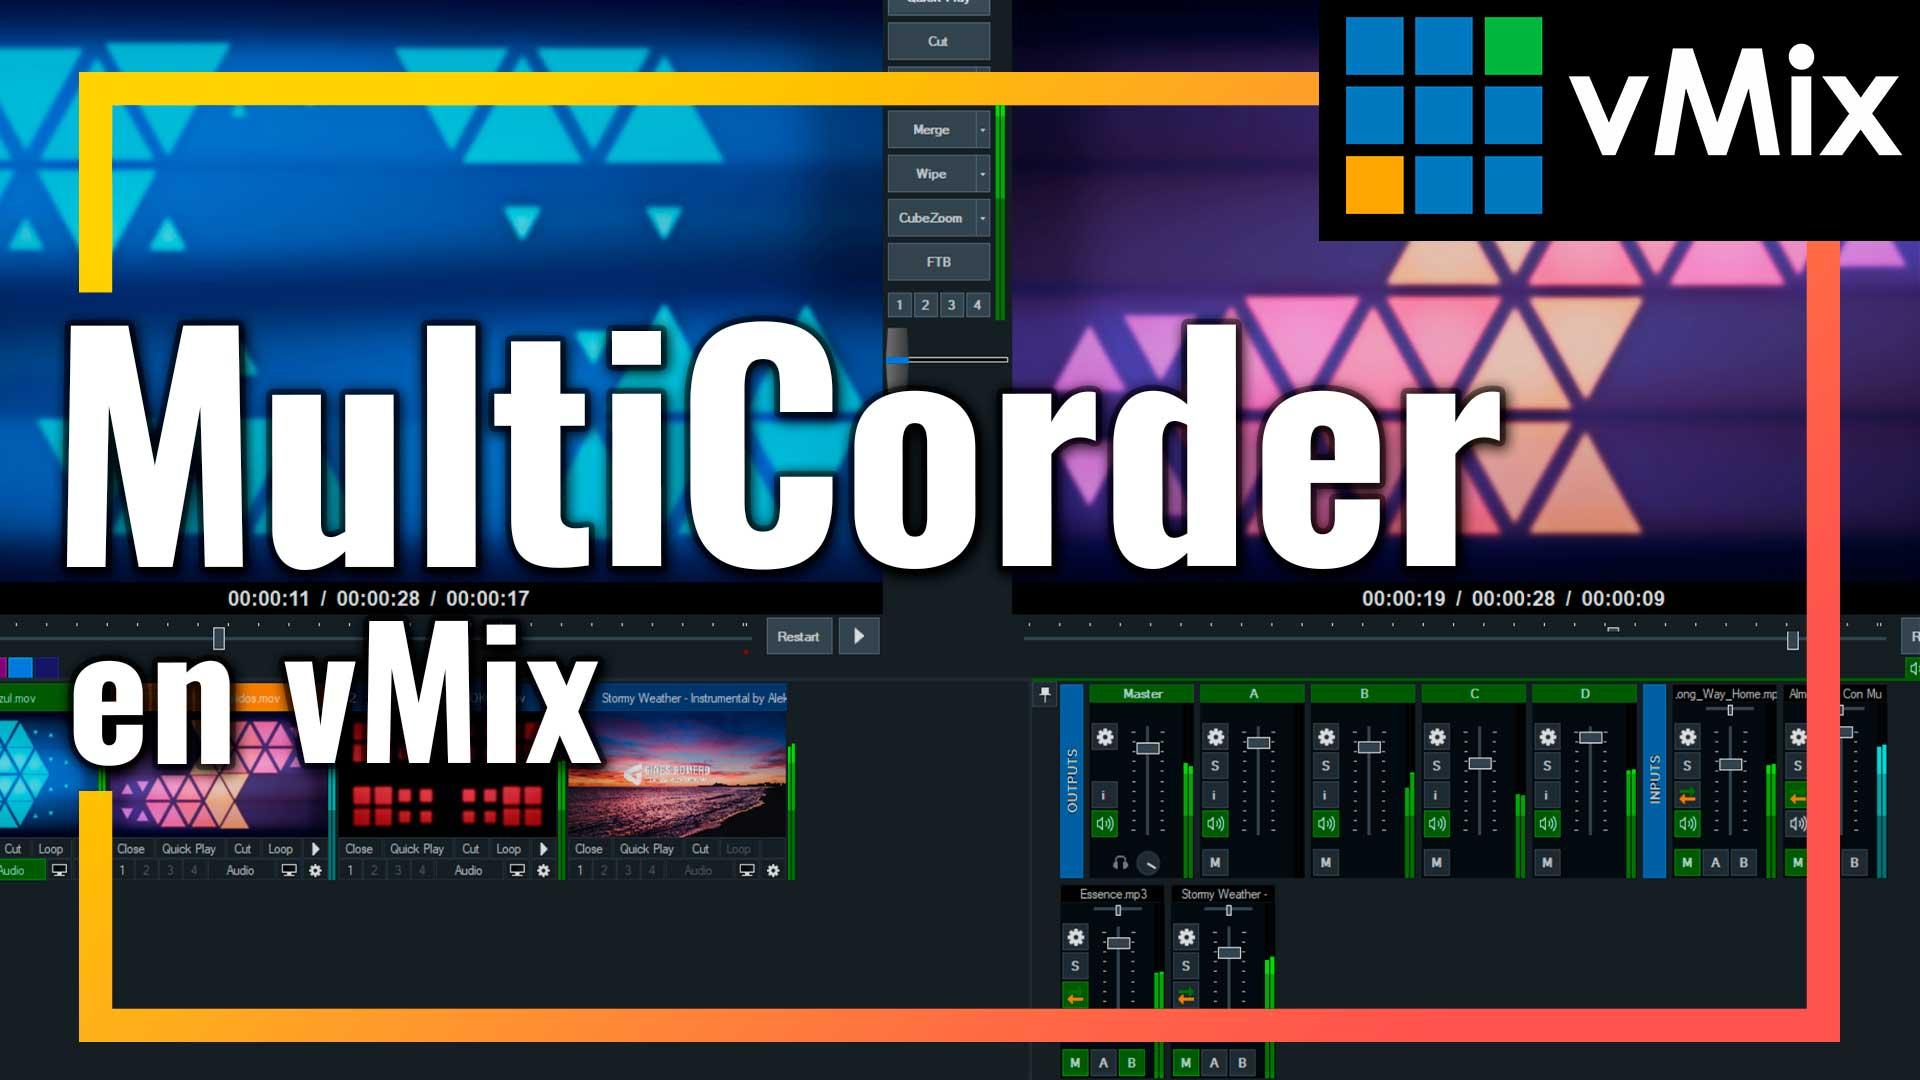 Multicorder en vMix: Si necesitas grabar la señales de entrada independientemente para realizar una posterior edición. Esta el función que necesitas.